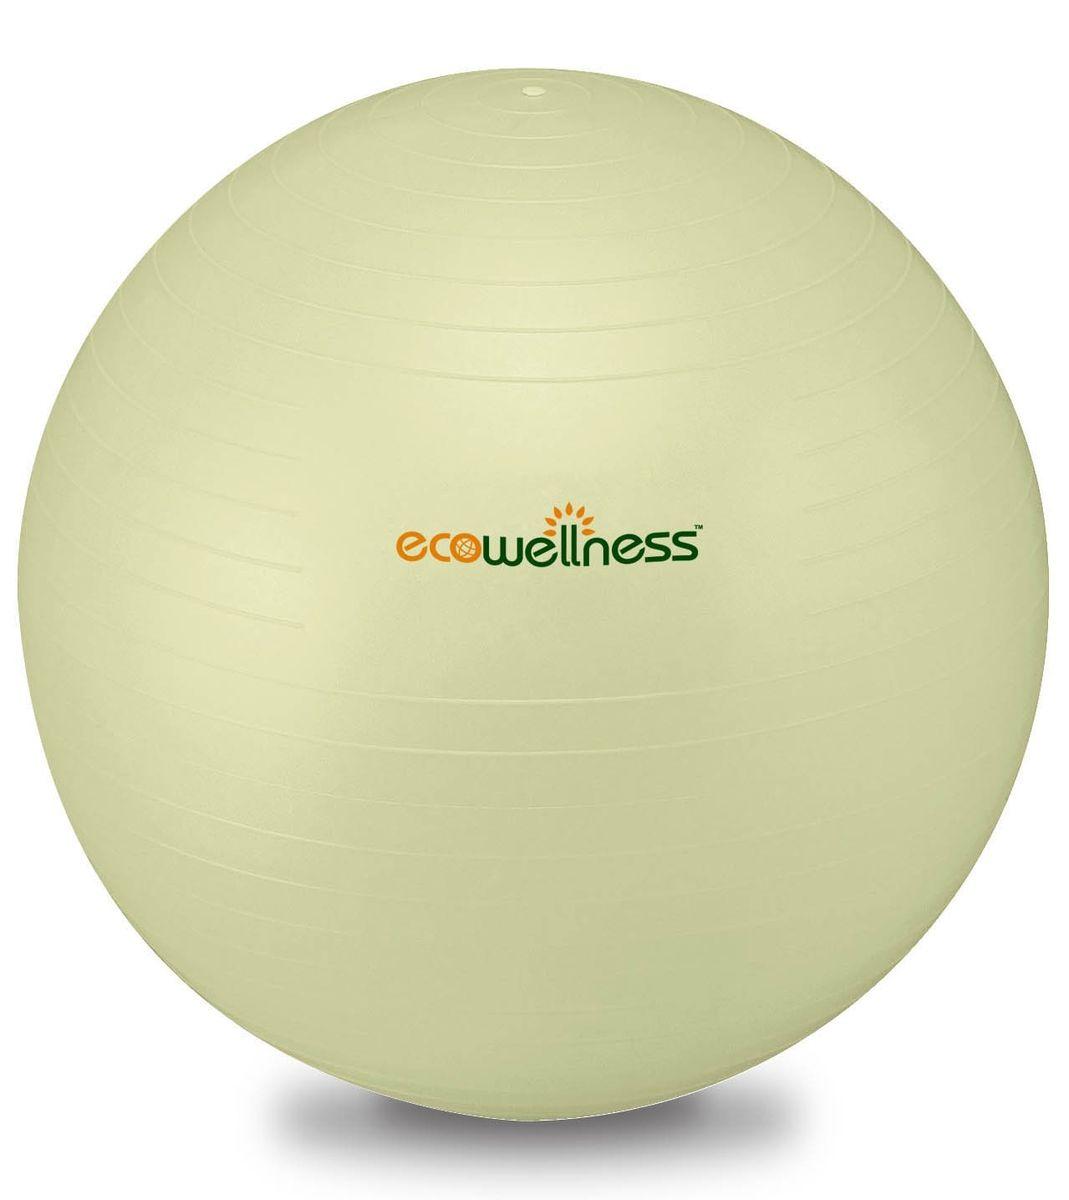 Мяч гимнастический Ecowellness 65 см, c ручным насосом, цвет: светло-зеленый. QB-001TAG3-26SF 0085Материал: прочный экологичный ПВХ. Система Анти-Взрыв. Идеально подходит для занятий аэробикой и фитнесом, а также для укрепления мышц верхней и нижней части тела. Диаметр: 65 см. Цвет: светло-зеленый. Привлекательная индивидуальная упаковка. В комплекте идет ручной насос.Отличный подарок для любителей фитнеса.